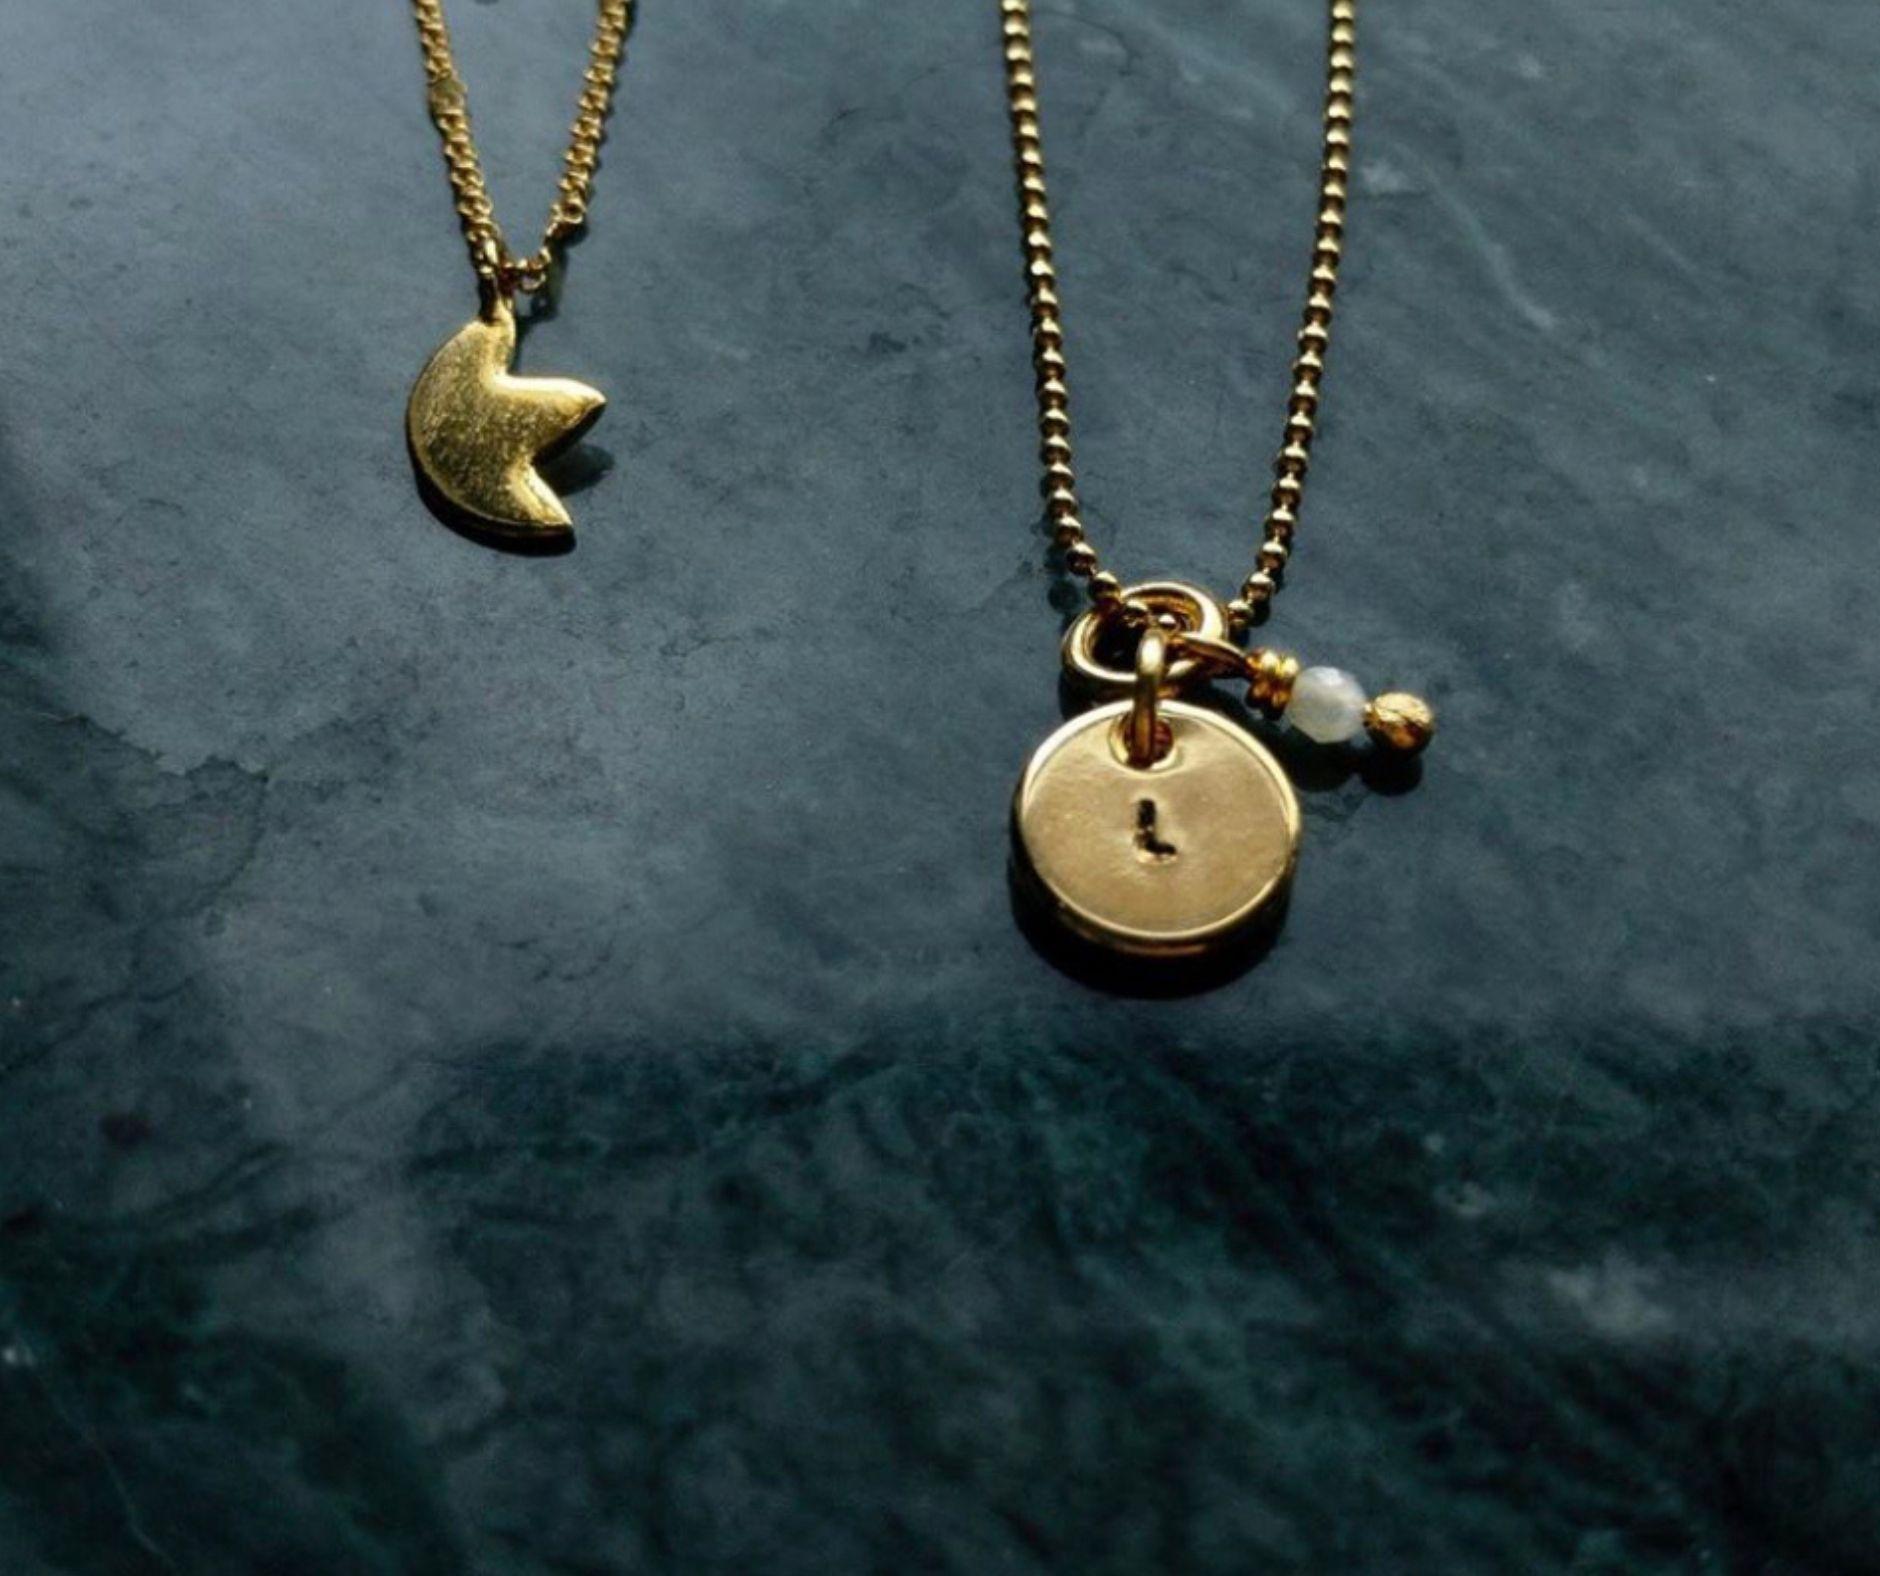 The lulu necklace